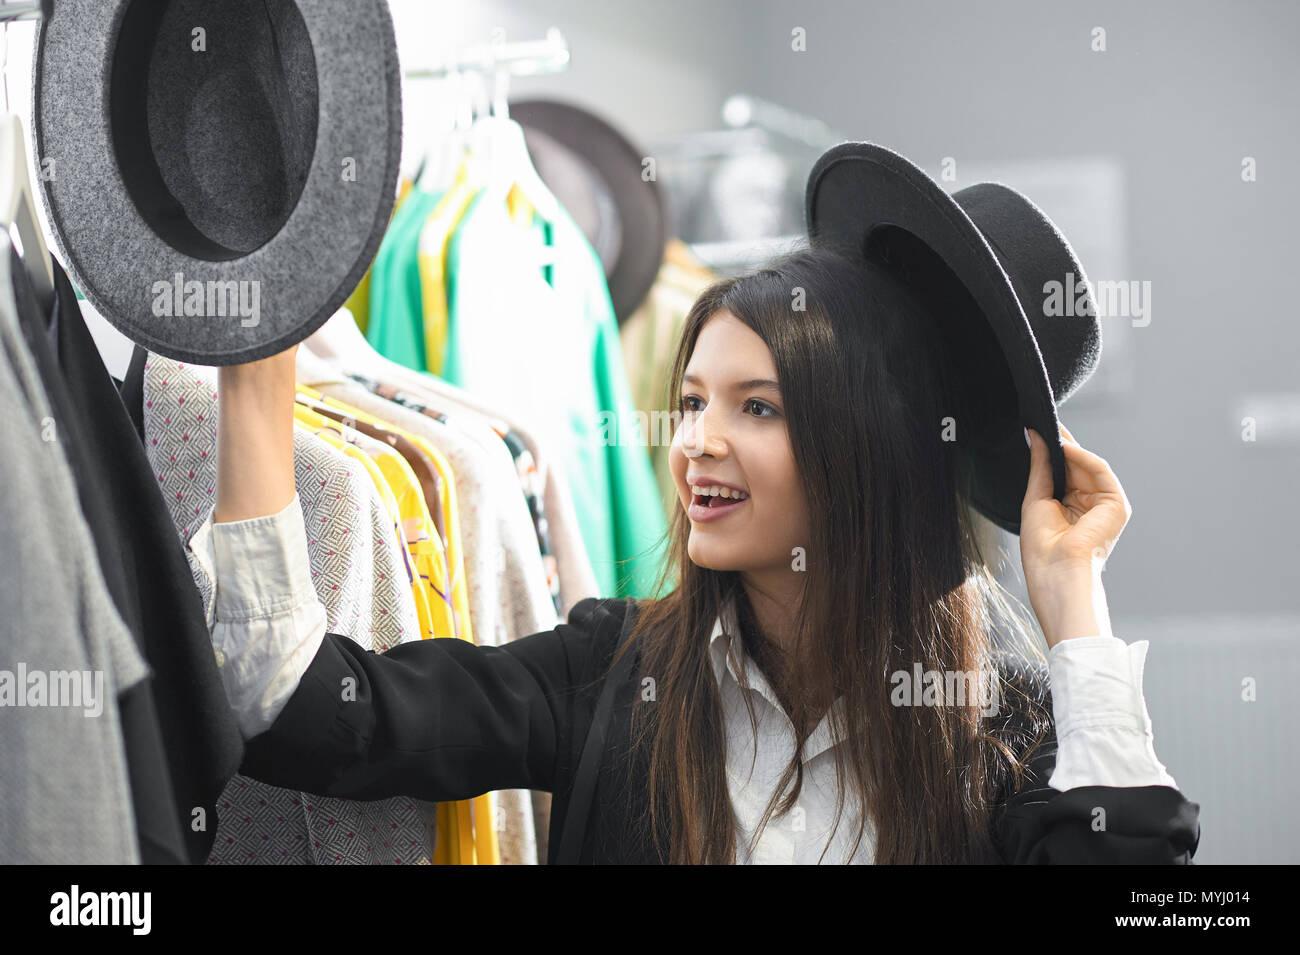 Lächelnde Mädchen versuchen auf stilvolle, moderne schwarze Hüte